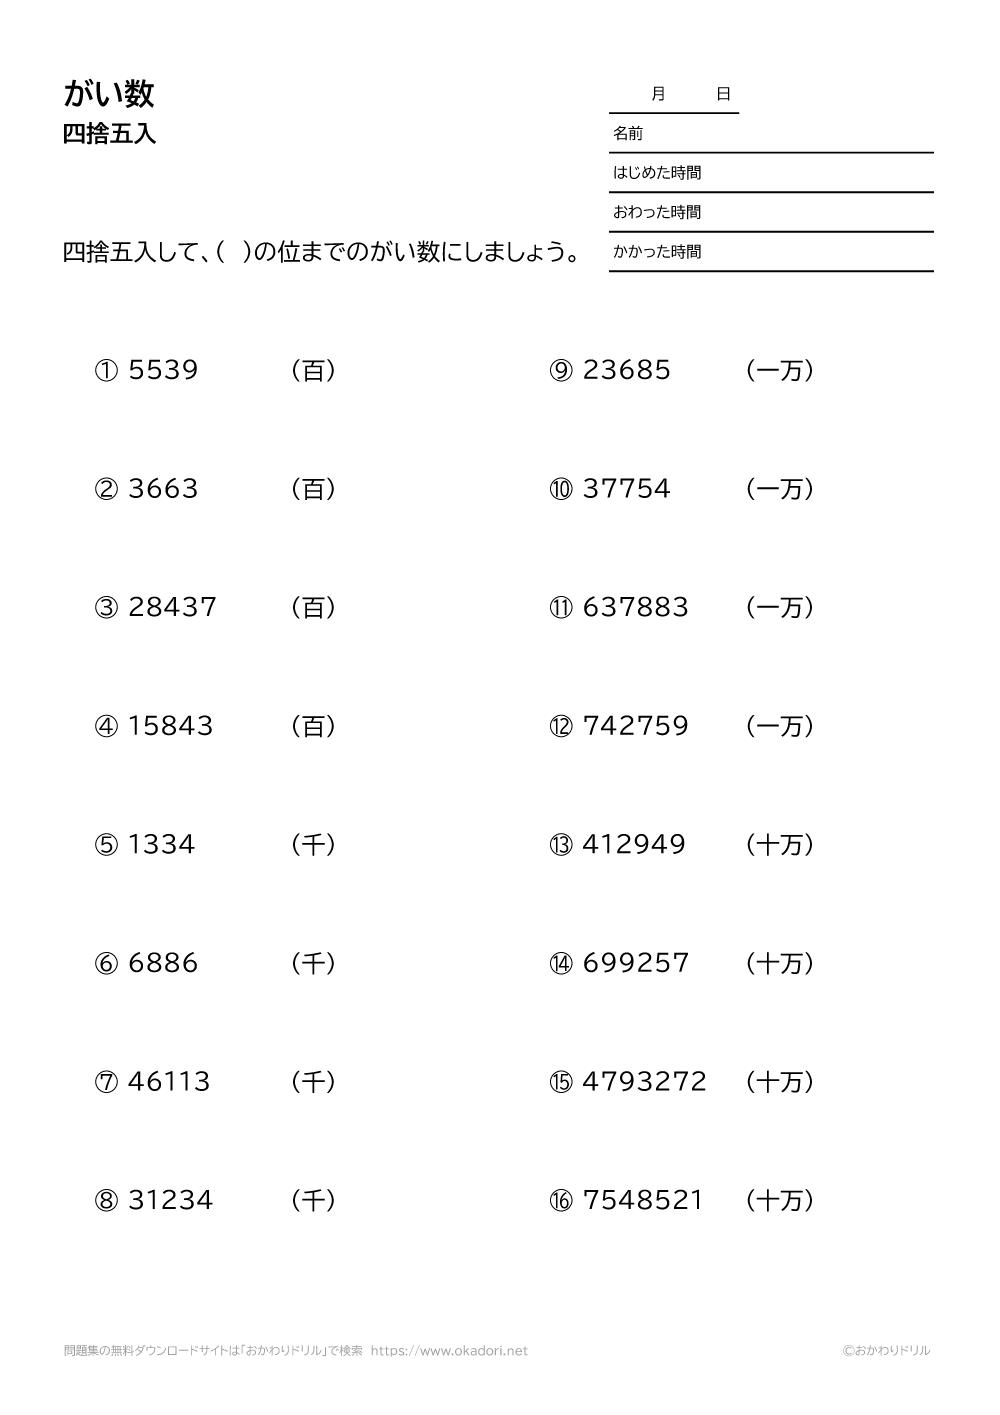 四捨五入して指定した位までのがい数にする6